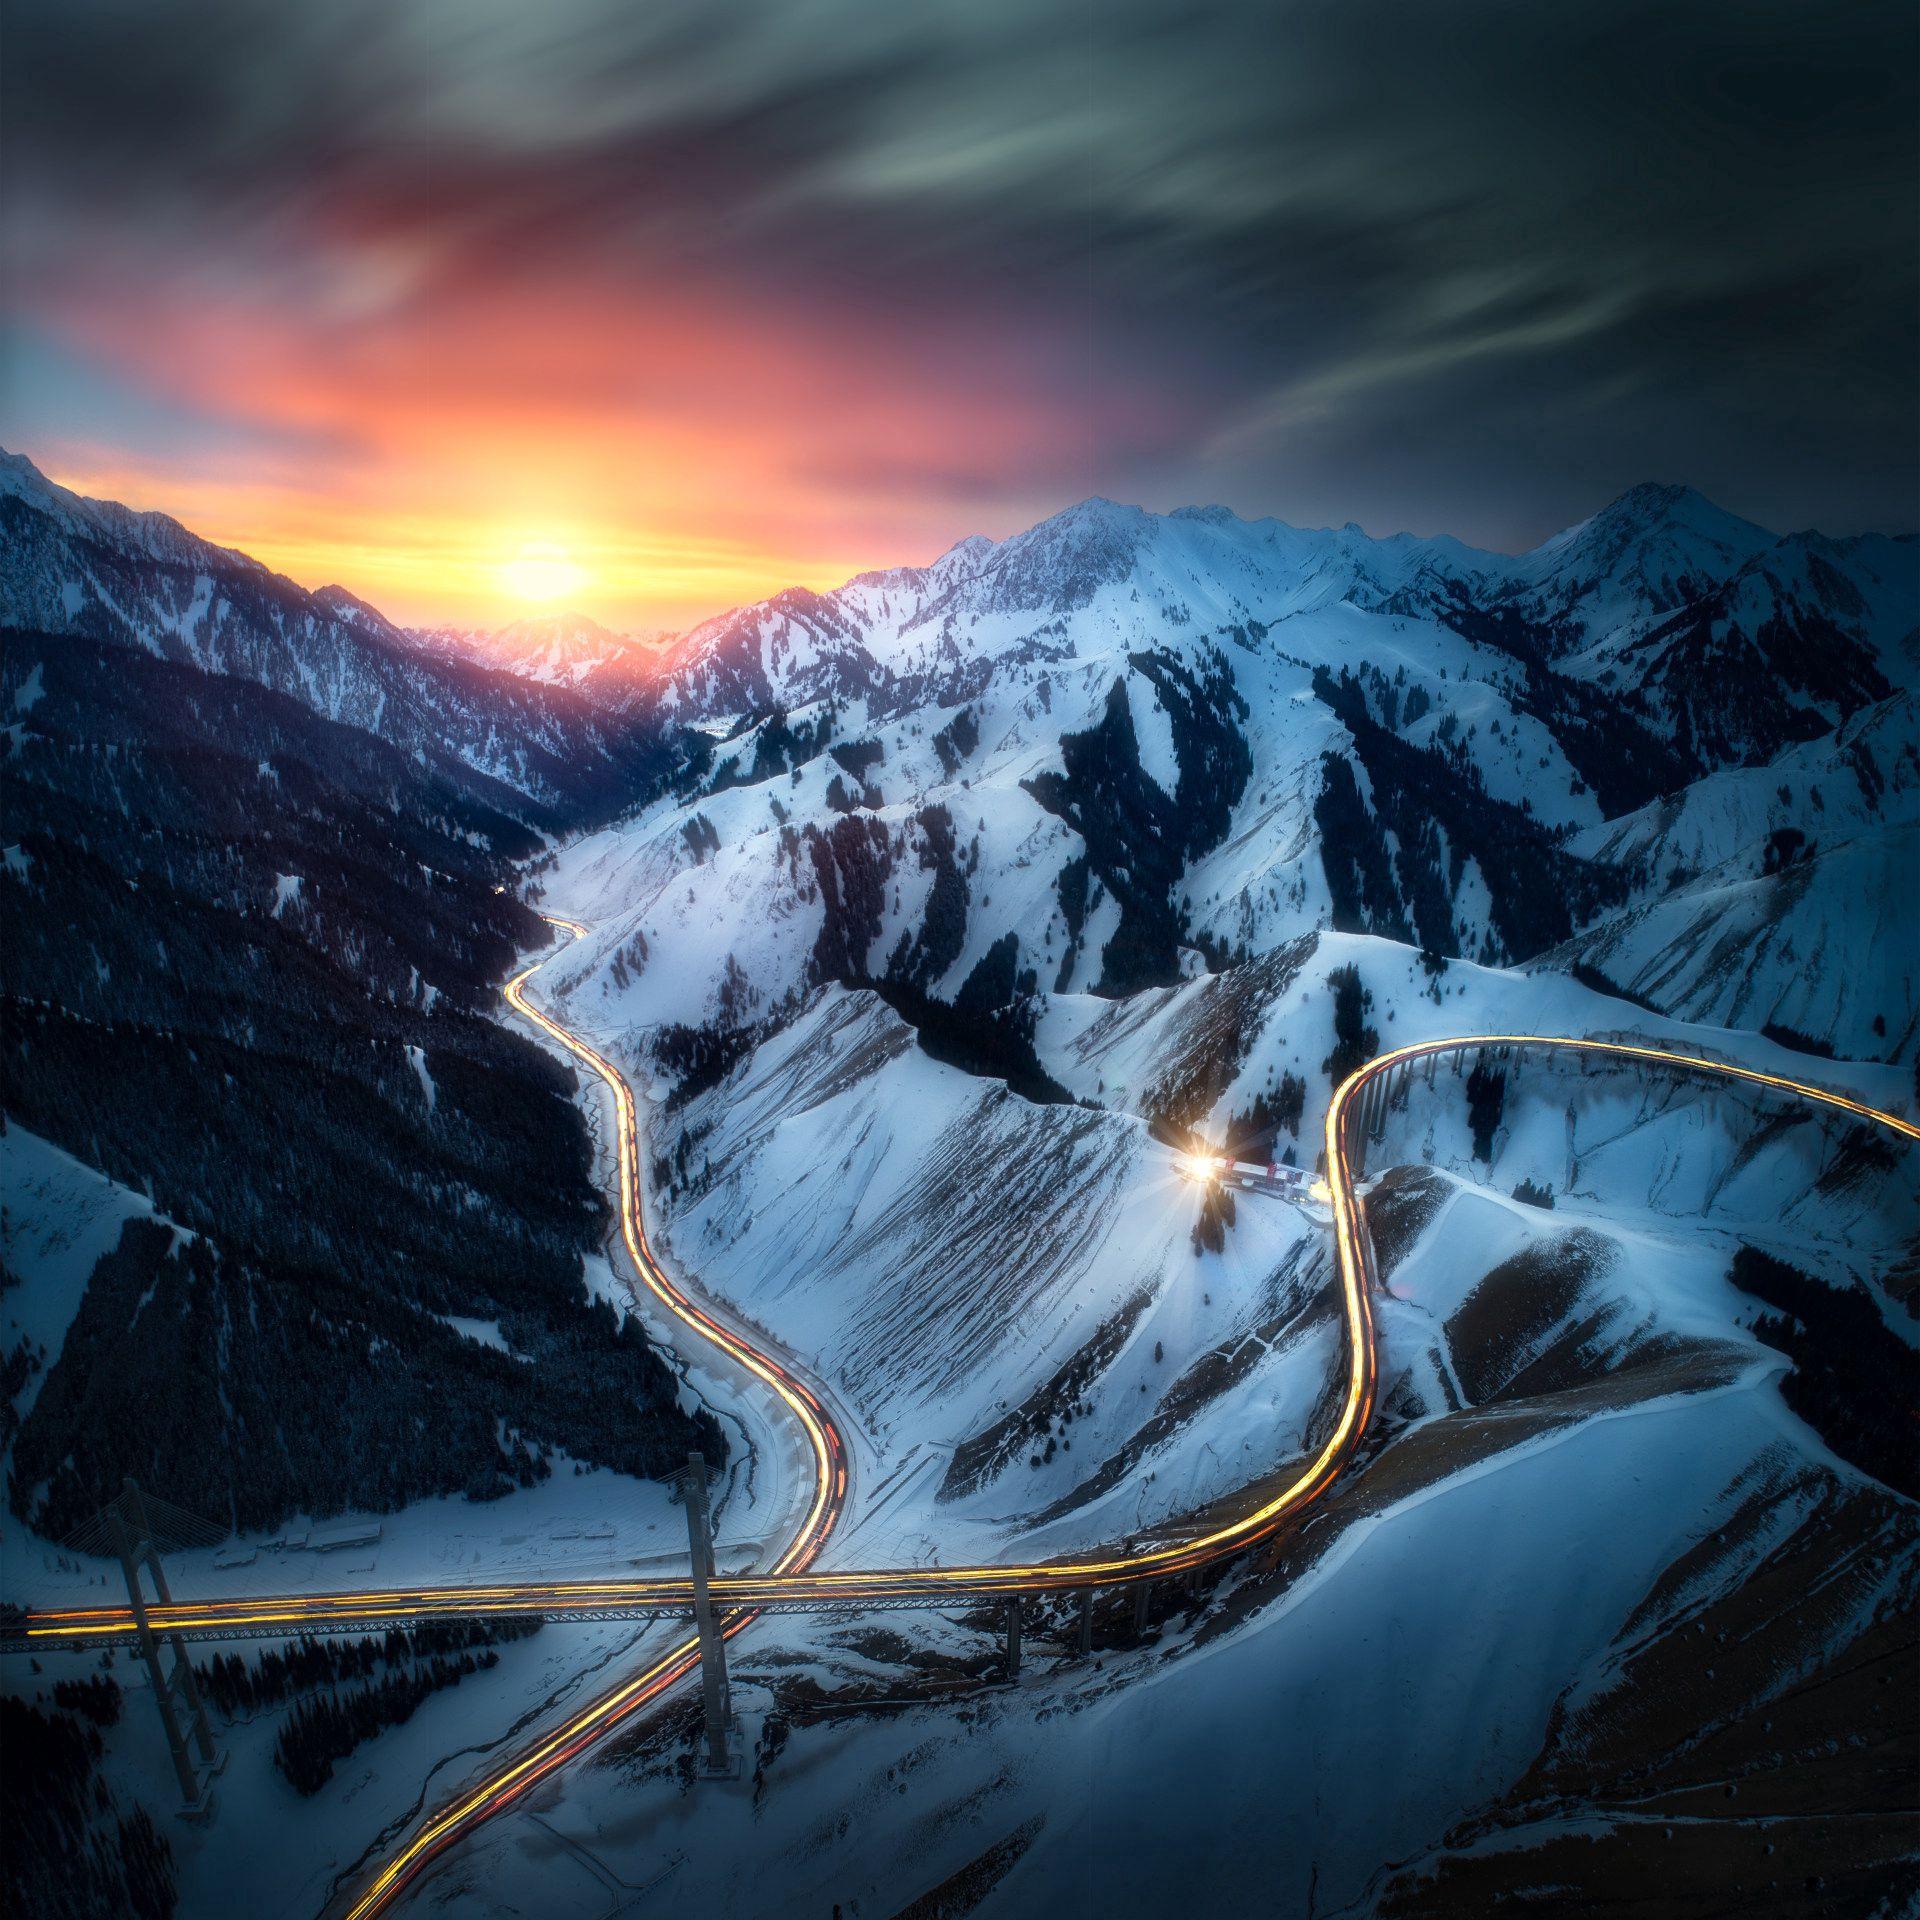 138386 Hintergrundbild herunterladen Landschaft, Natur, Sunset, Roads, Mountains, Blick Von Oben - Bildschirmschoner und Bilder kostenlos